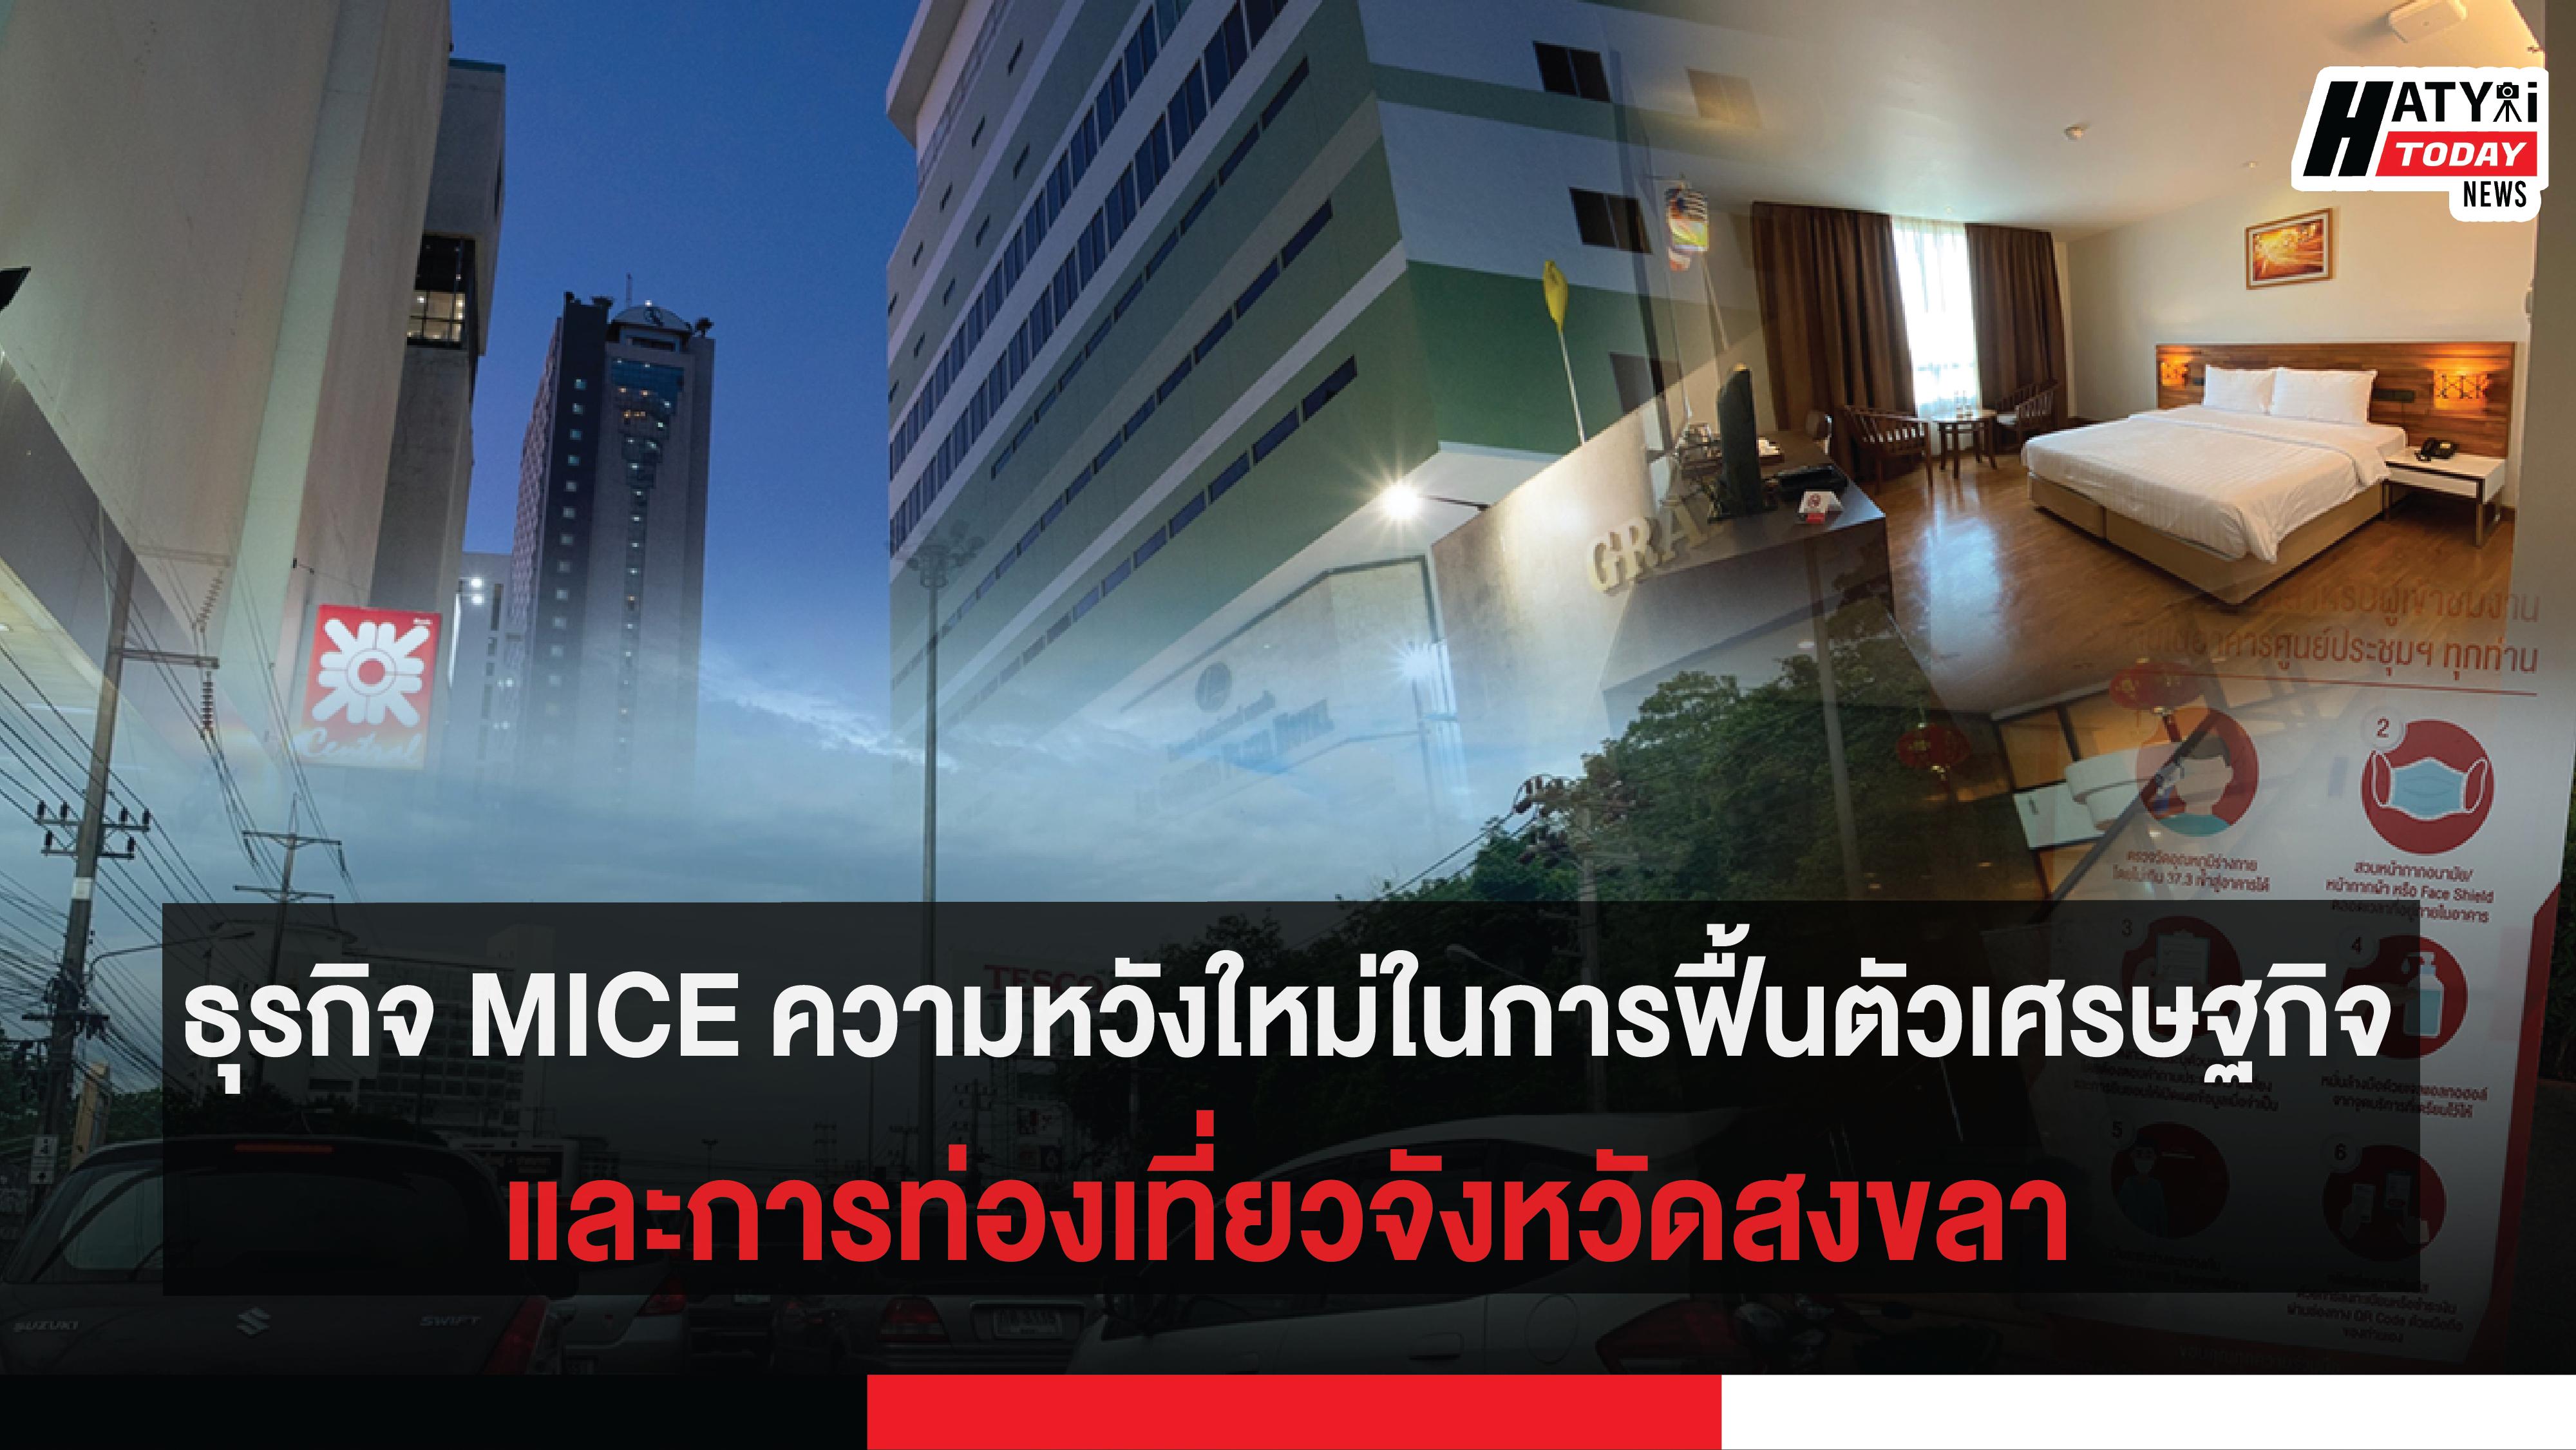 ธุรกิจ MICE ความหวังใหม่ในการฟื้นตัวเศรษฐกิจและการท่องเที่ยวจังหวัดสงขลา